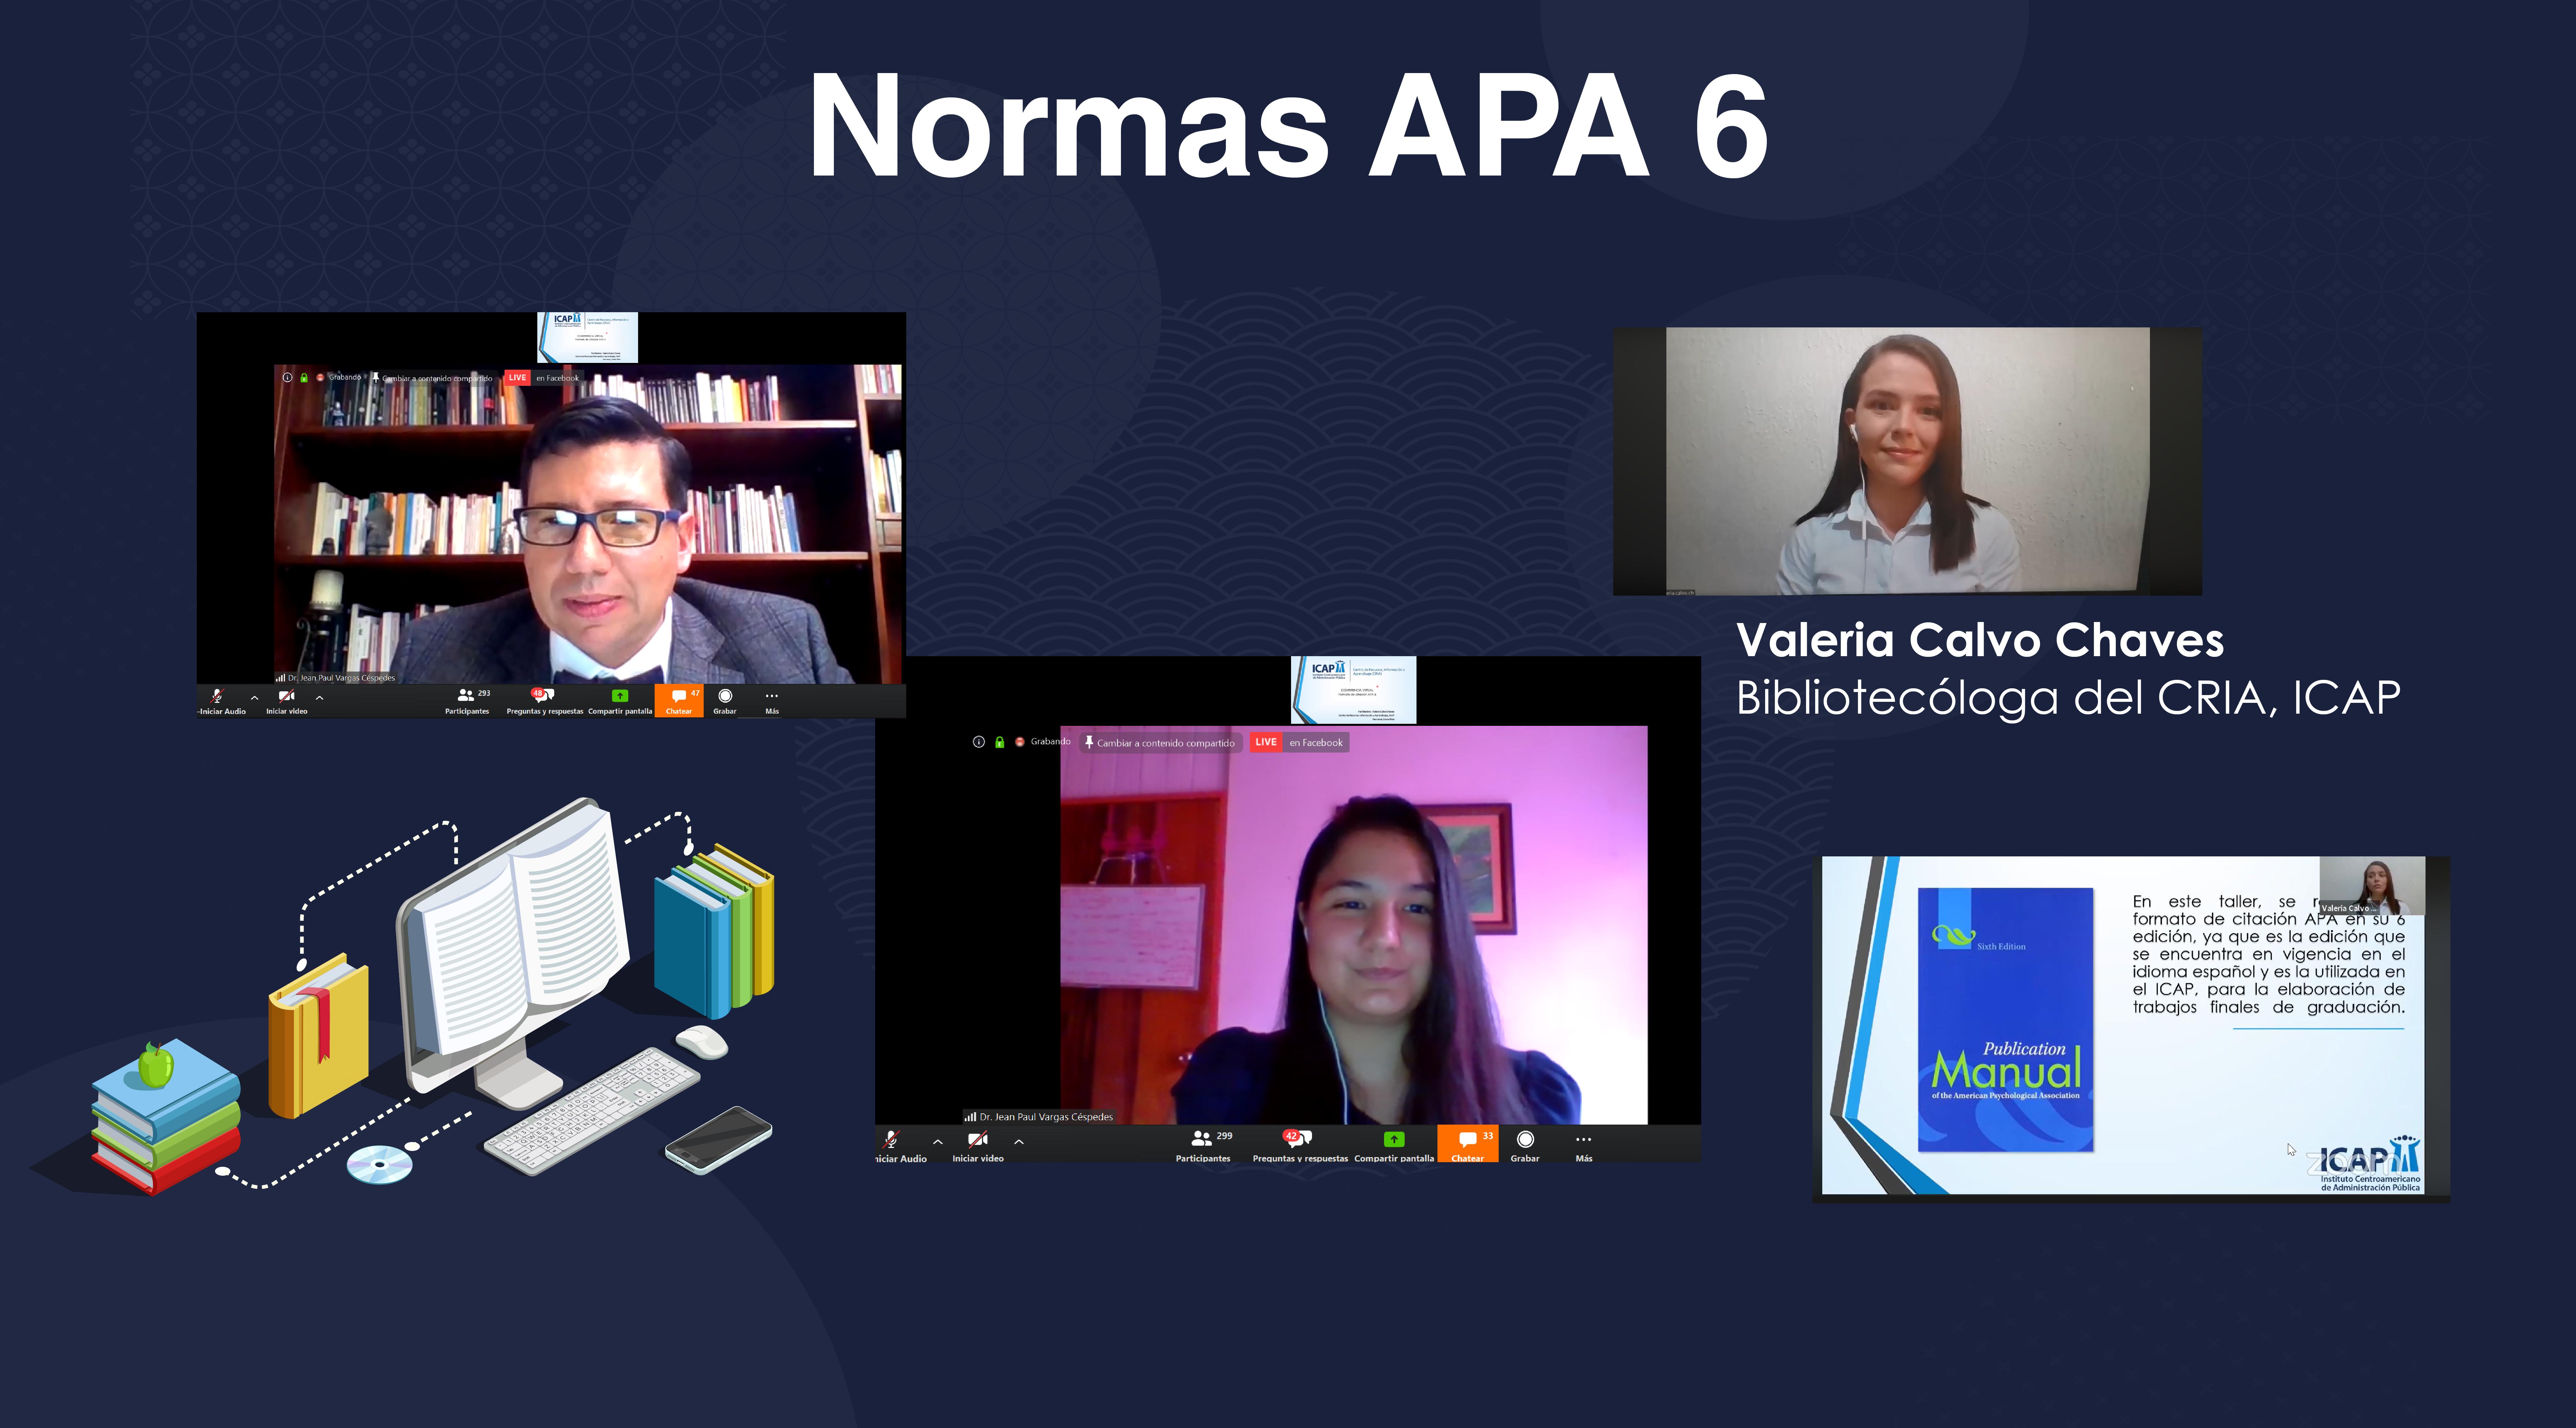 ICAP instruye a estudiantes, profesionales e investigadores en el uso adecuado de las Normas APA 6